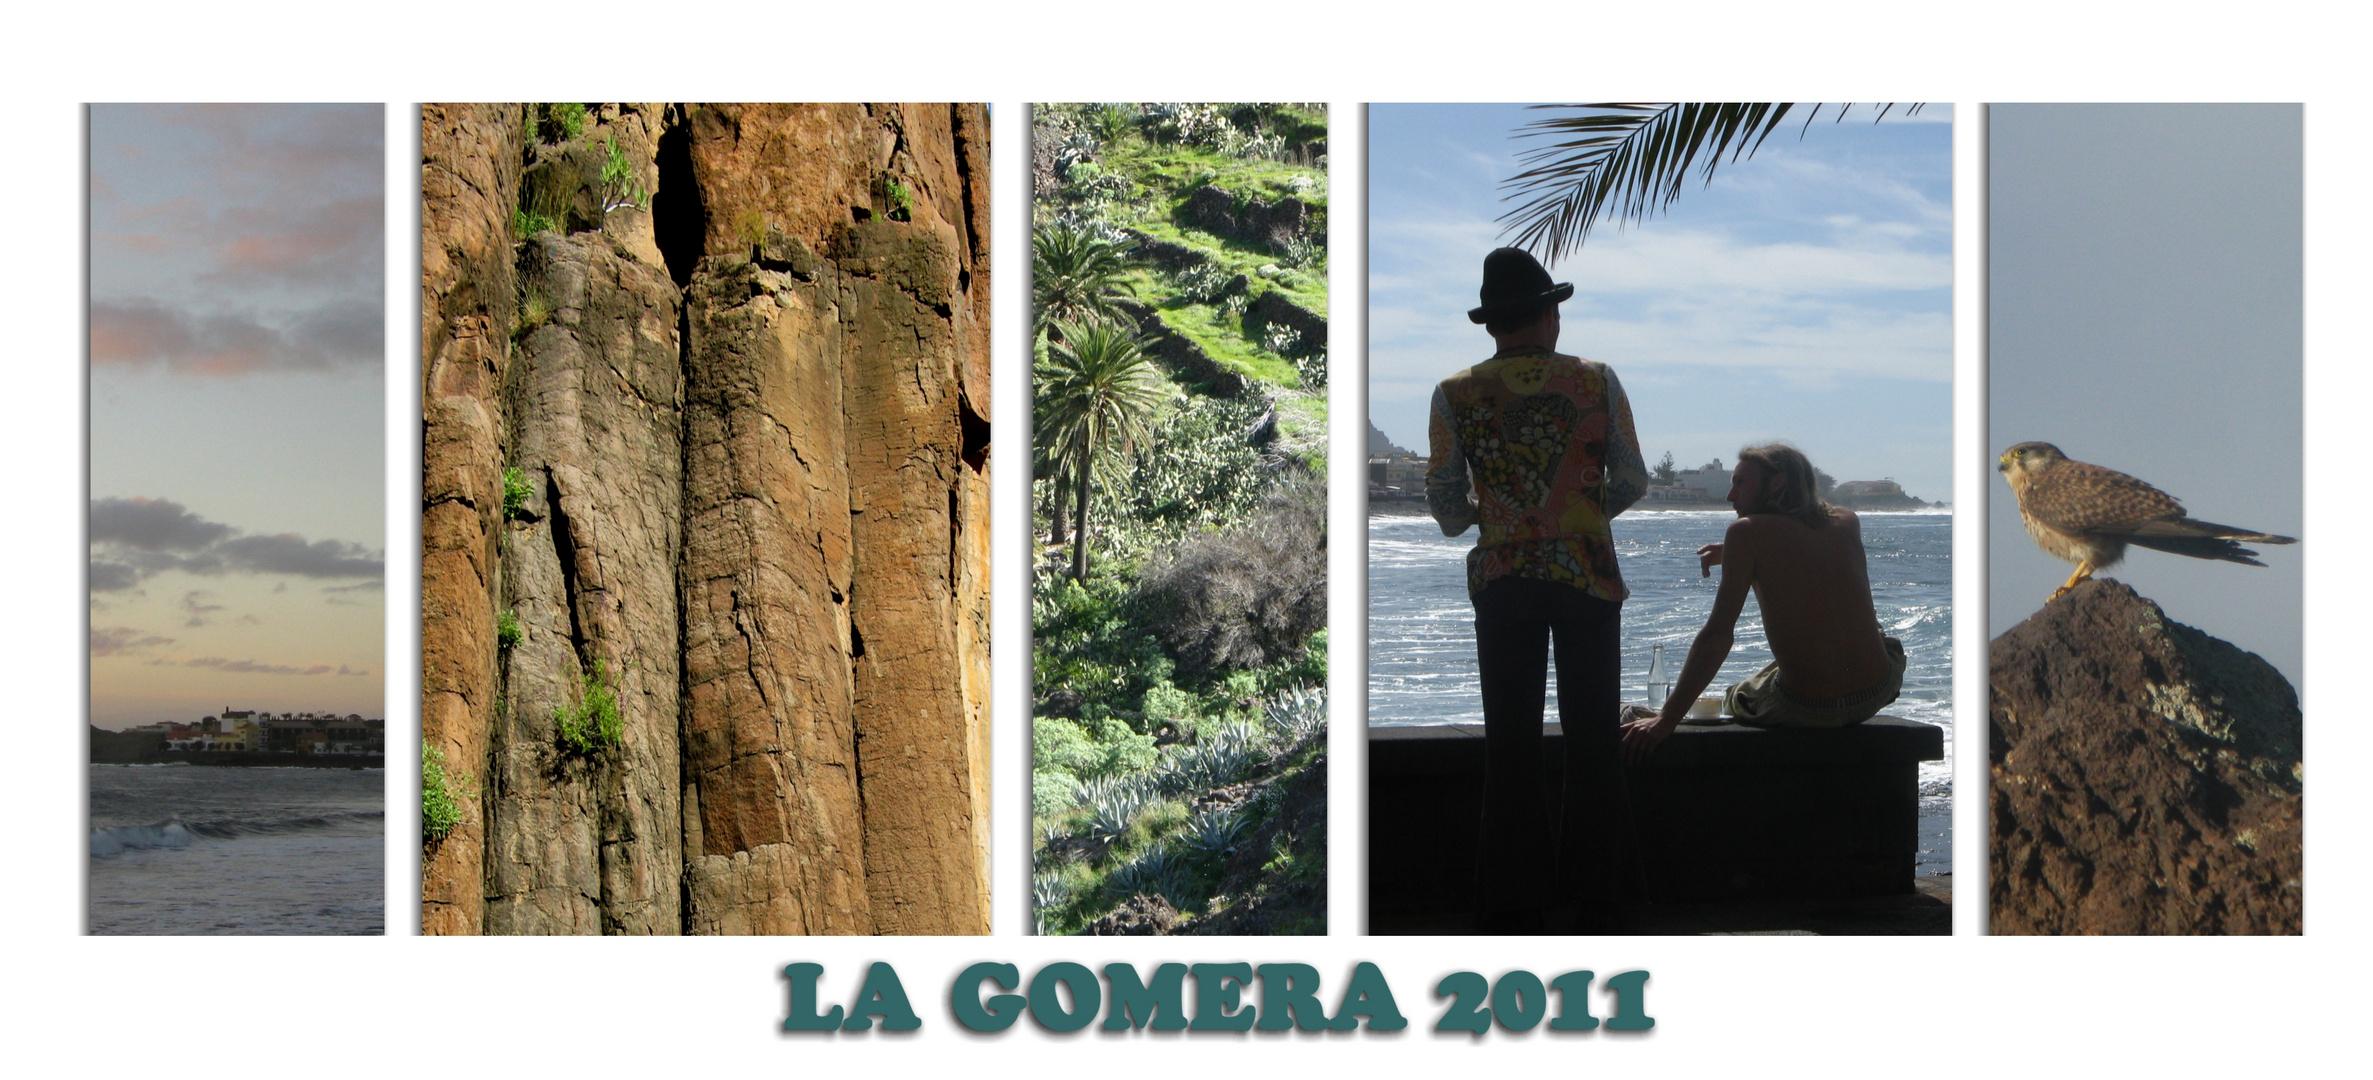 La Gomera 2011